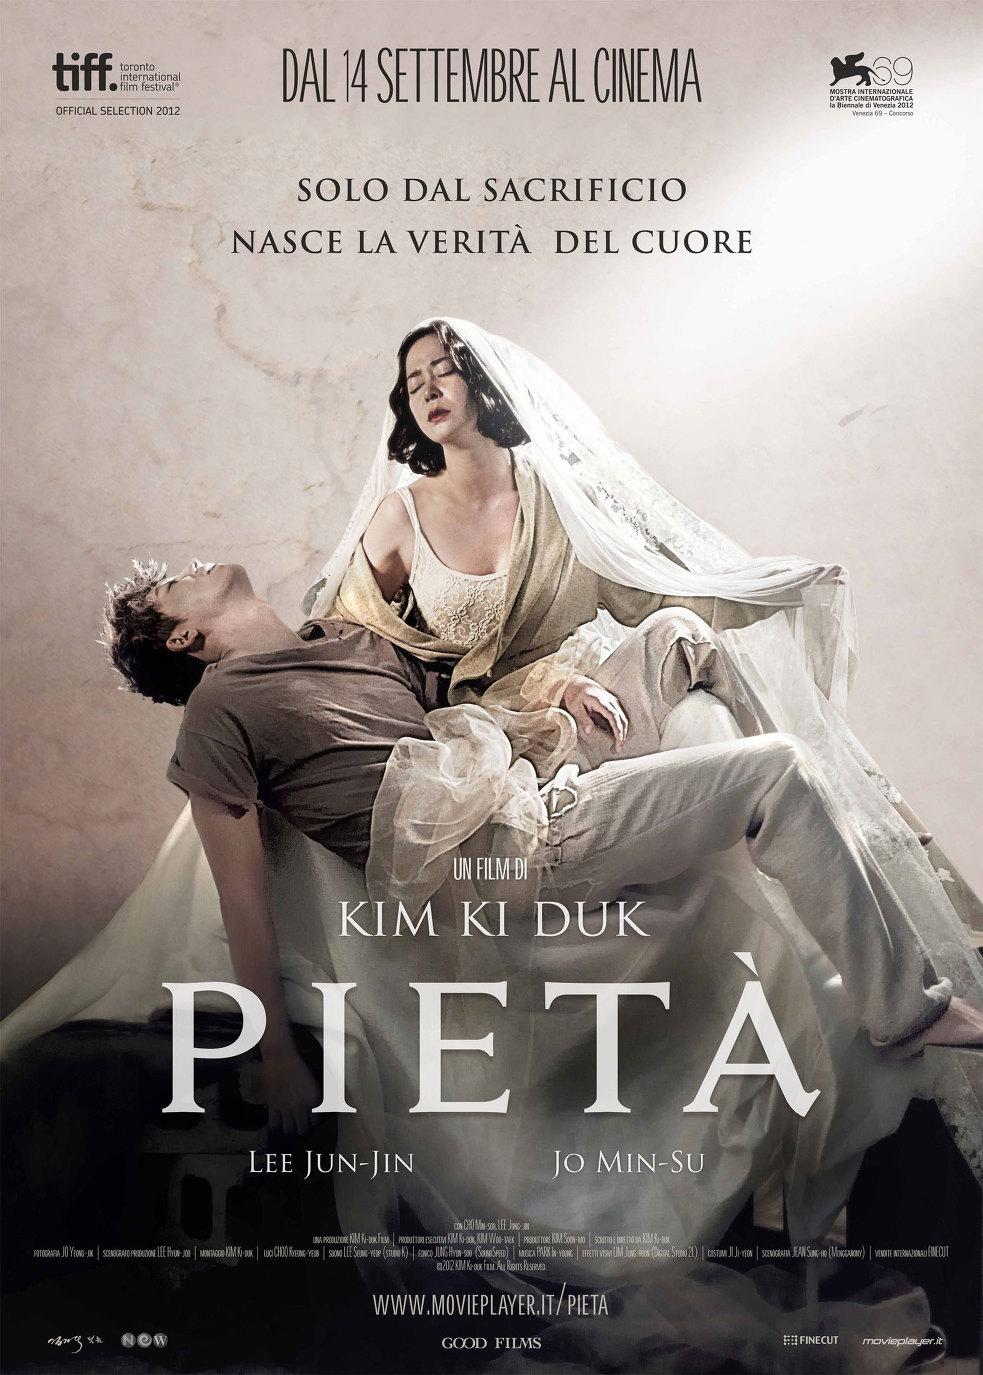 Pieta (2012) ปีเอตา คนบาปล้างโฉด